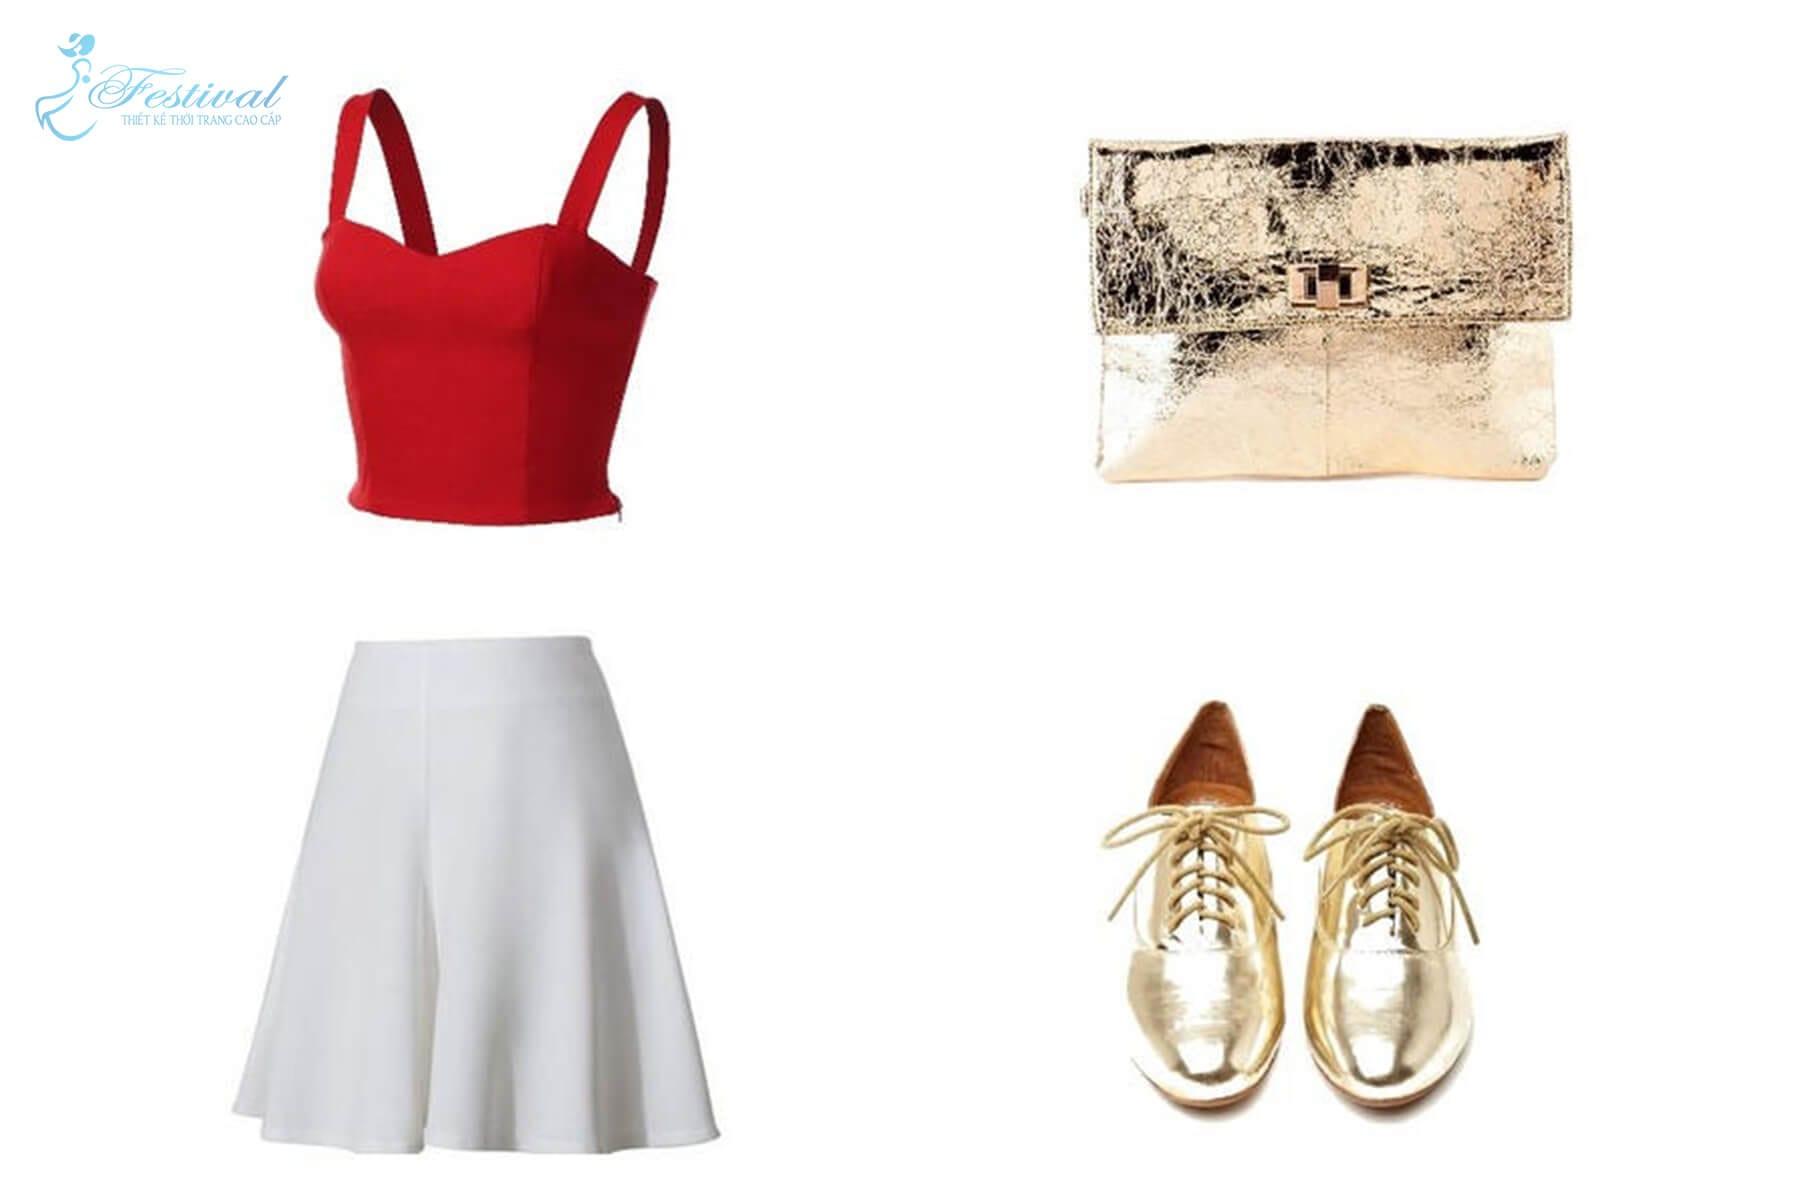 Áo croptop với váy cạp cao đi kèm phụ kiện ánh kim - Mặc đẹp mùa noel - Mẹo mix đồ đi chơi giáng sinh cực xinh - Ảnh 2